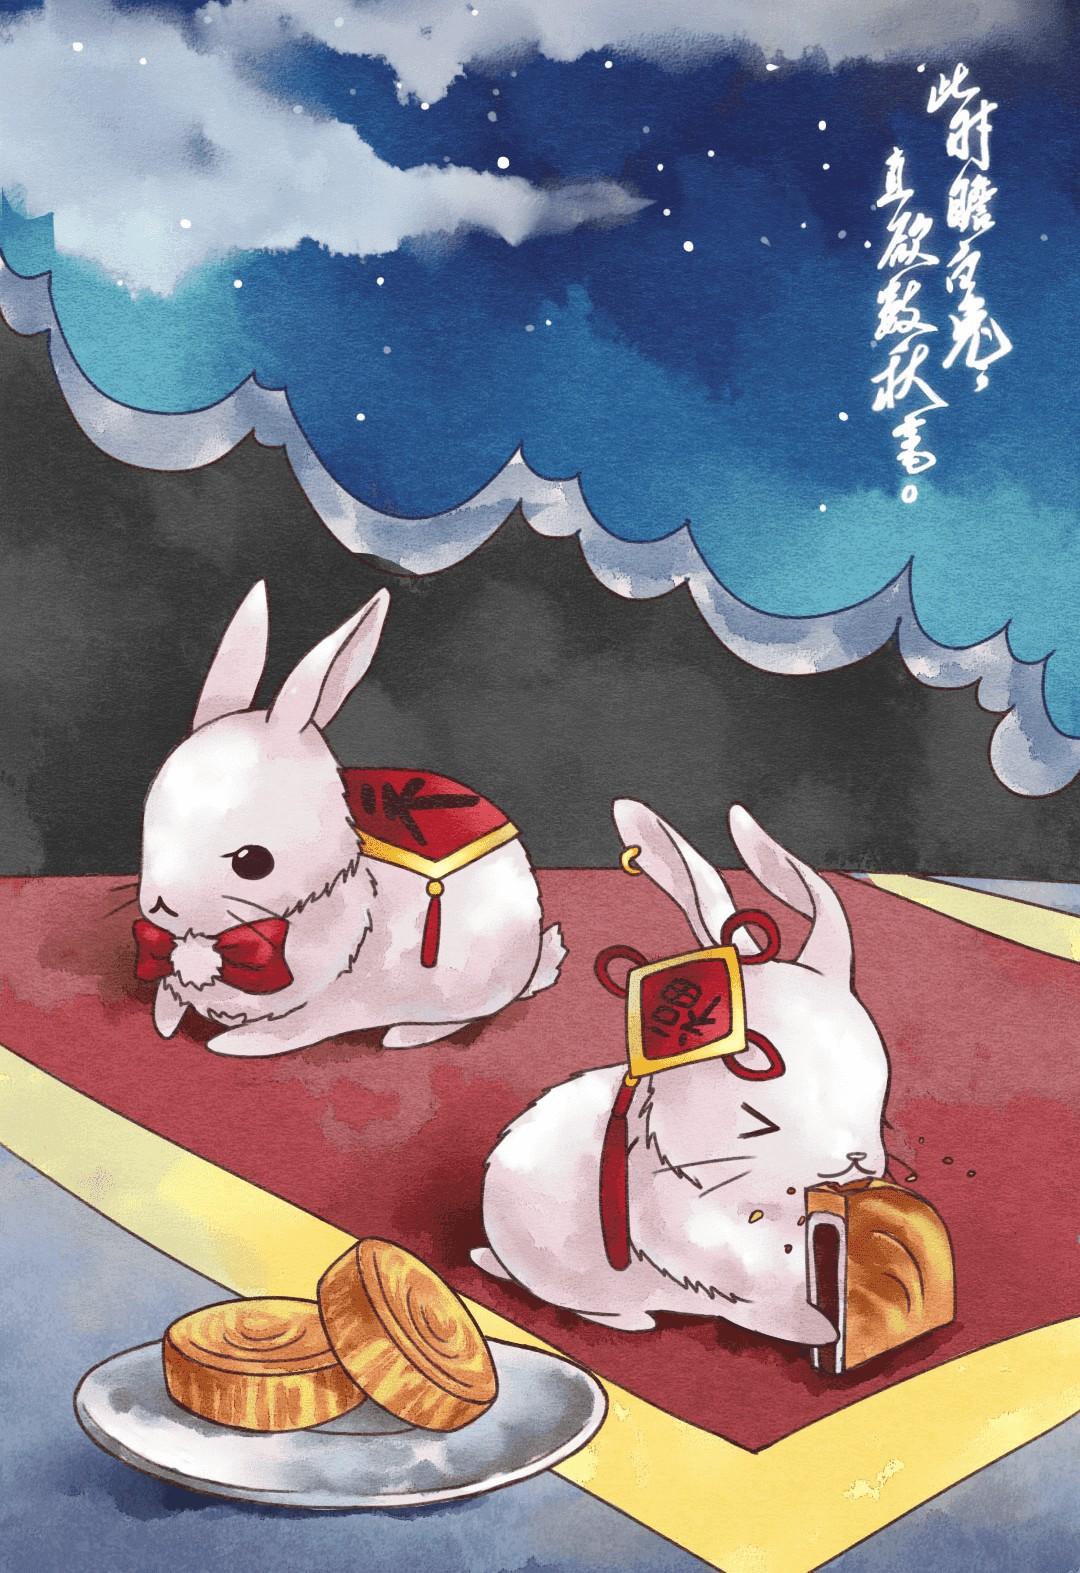 中秋 · 小团圆#小兔子,圆月亮,乐人生._帖子_oppo